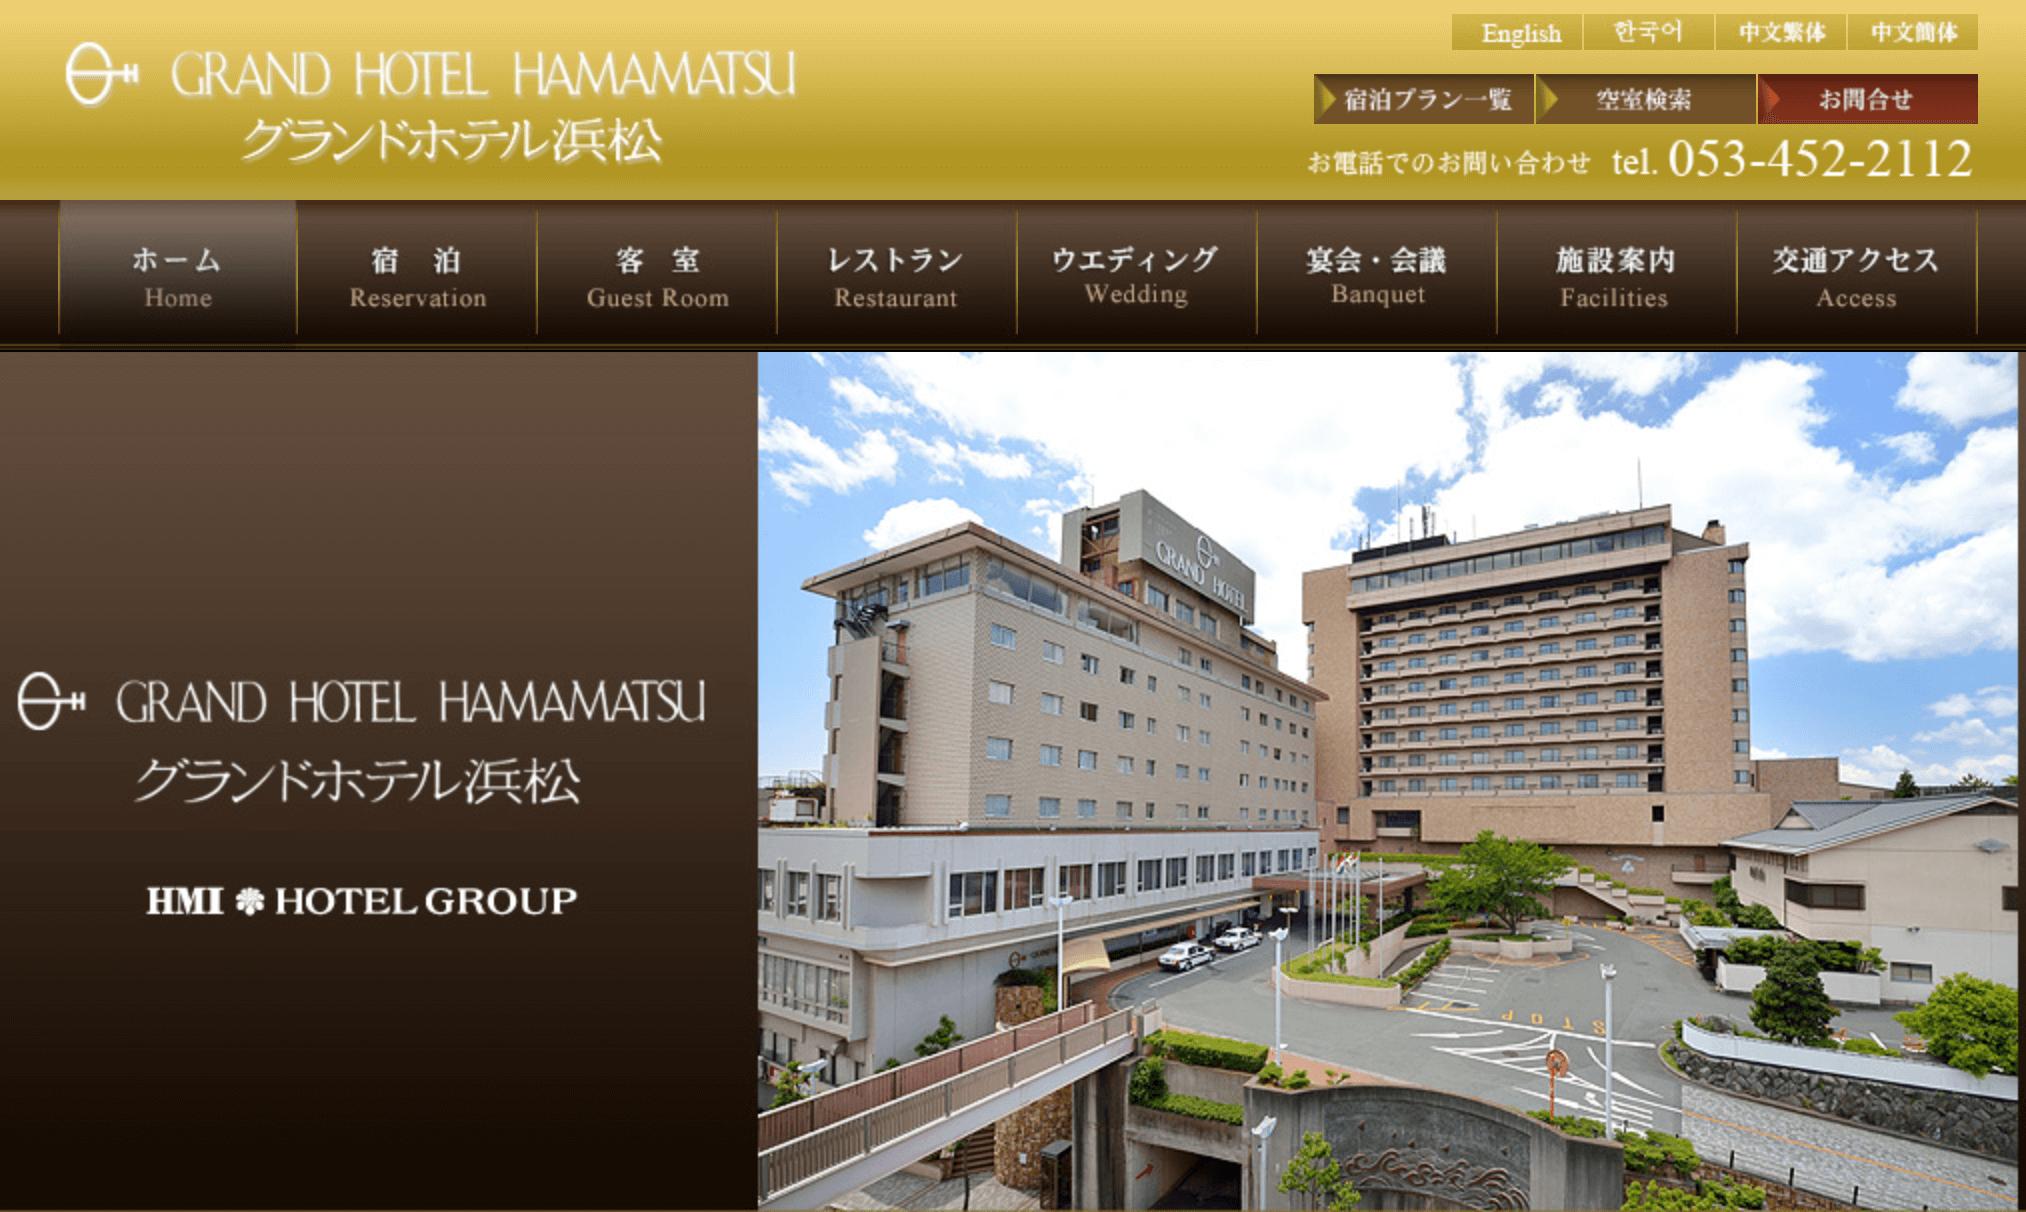 パパ活におすすめなホテル「ホテルニューオータニ高岡」